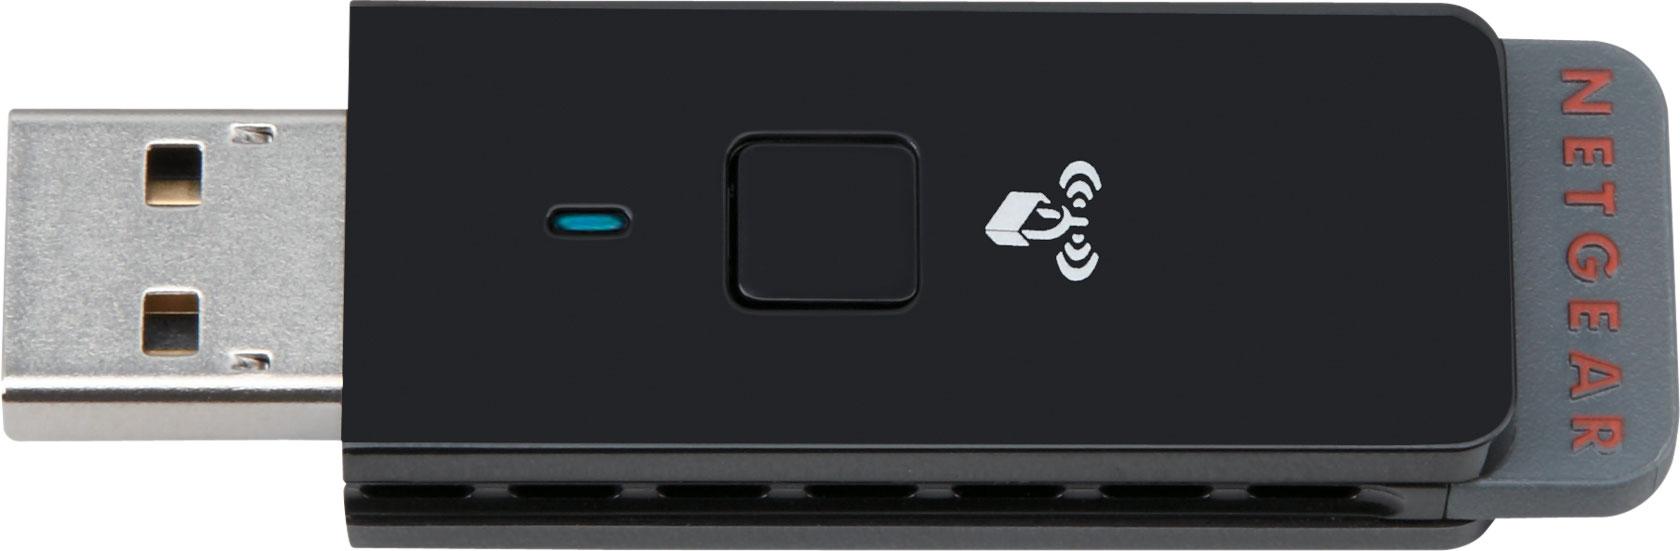 Netgear N150 Adapter Driver